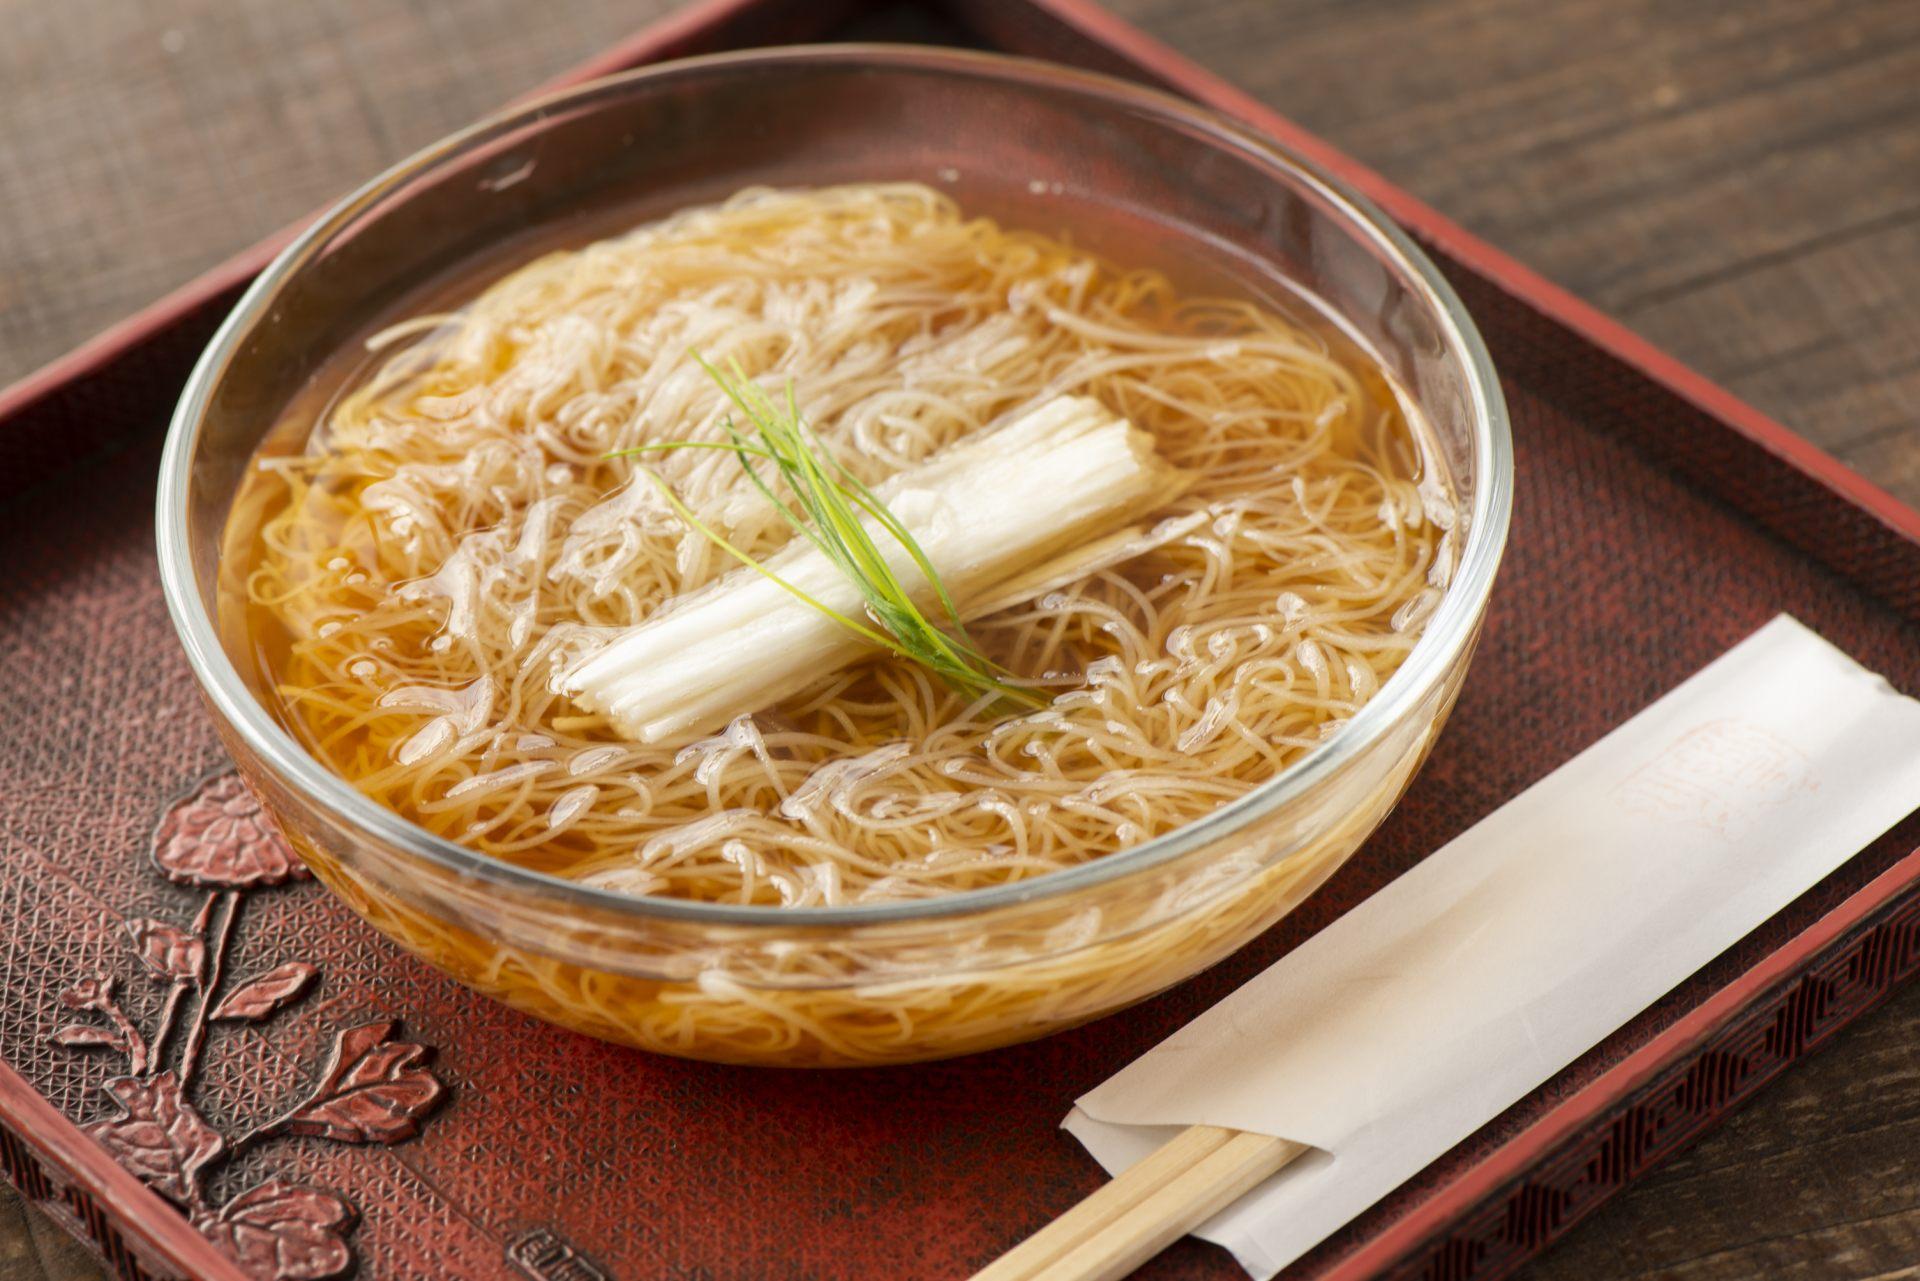 极细荞麦面搭配冷汤和新鲜山药的冷汤山药荞麦面。